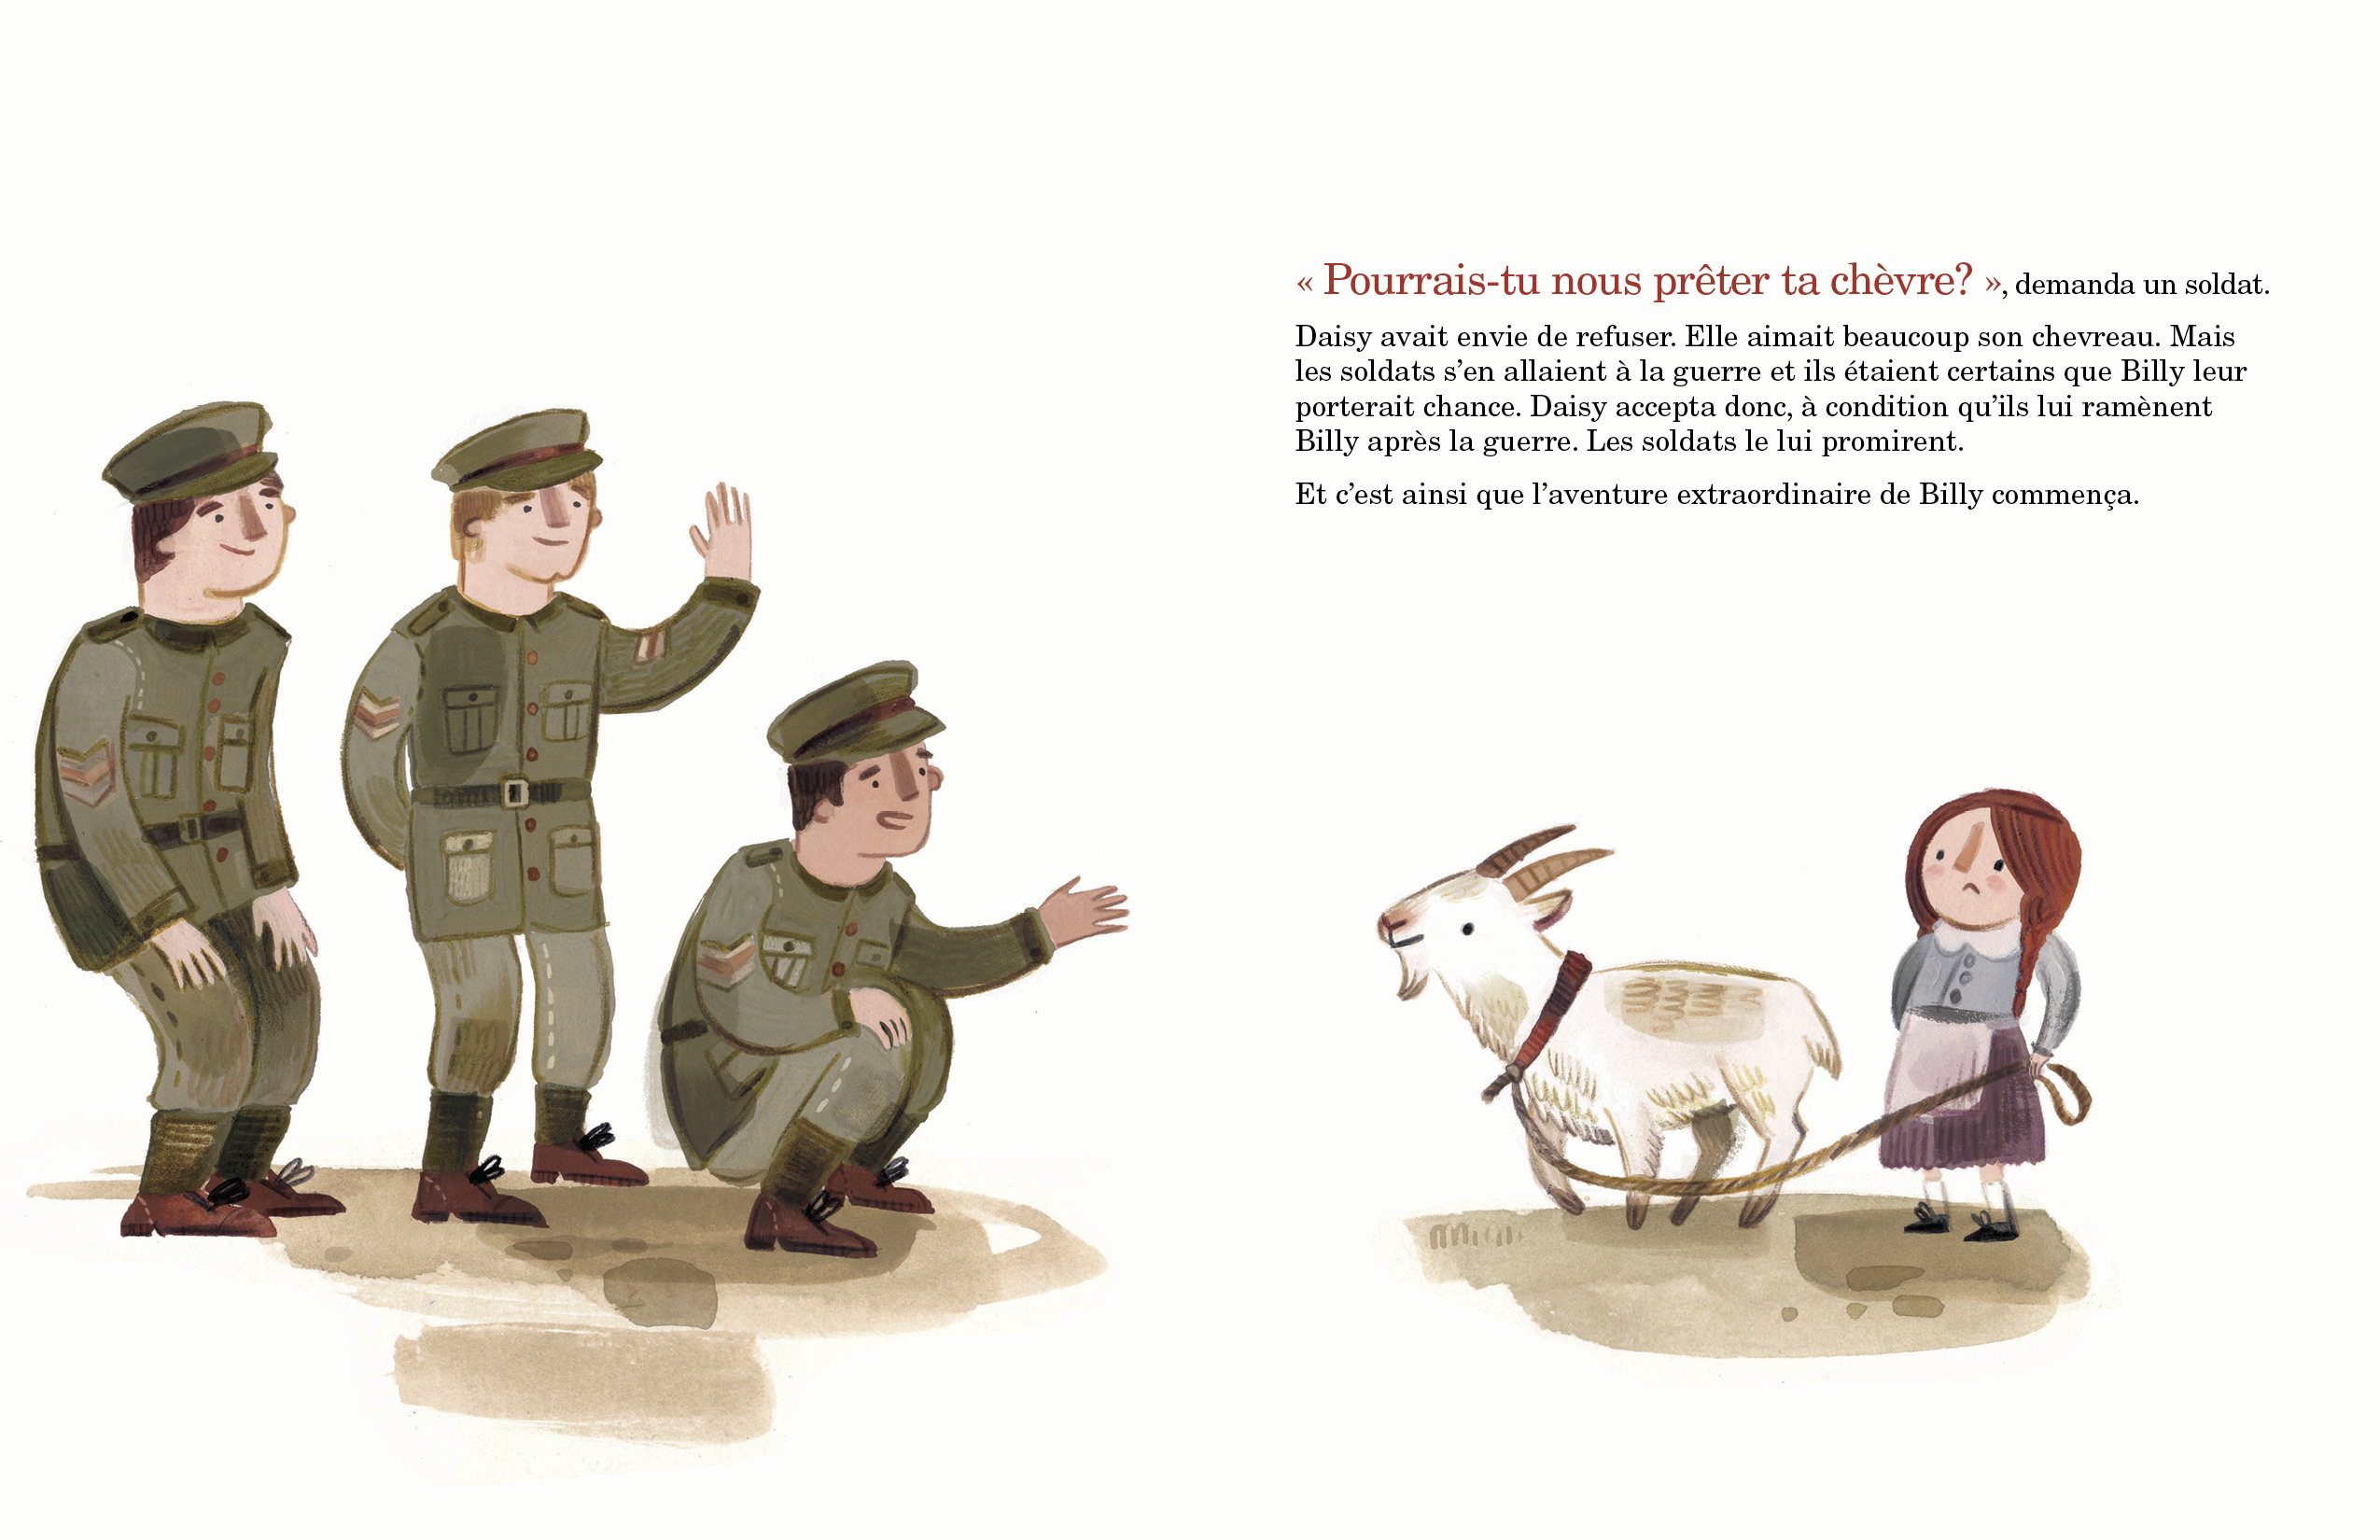 Extrait de Sergent Billy - Éditions de l'Isatis